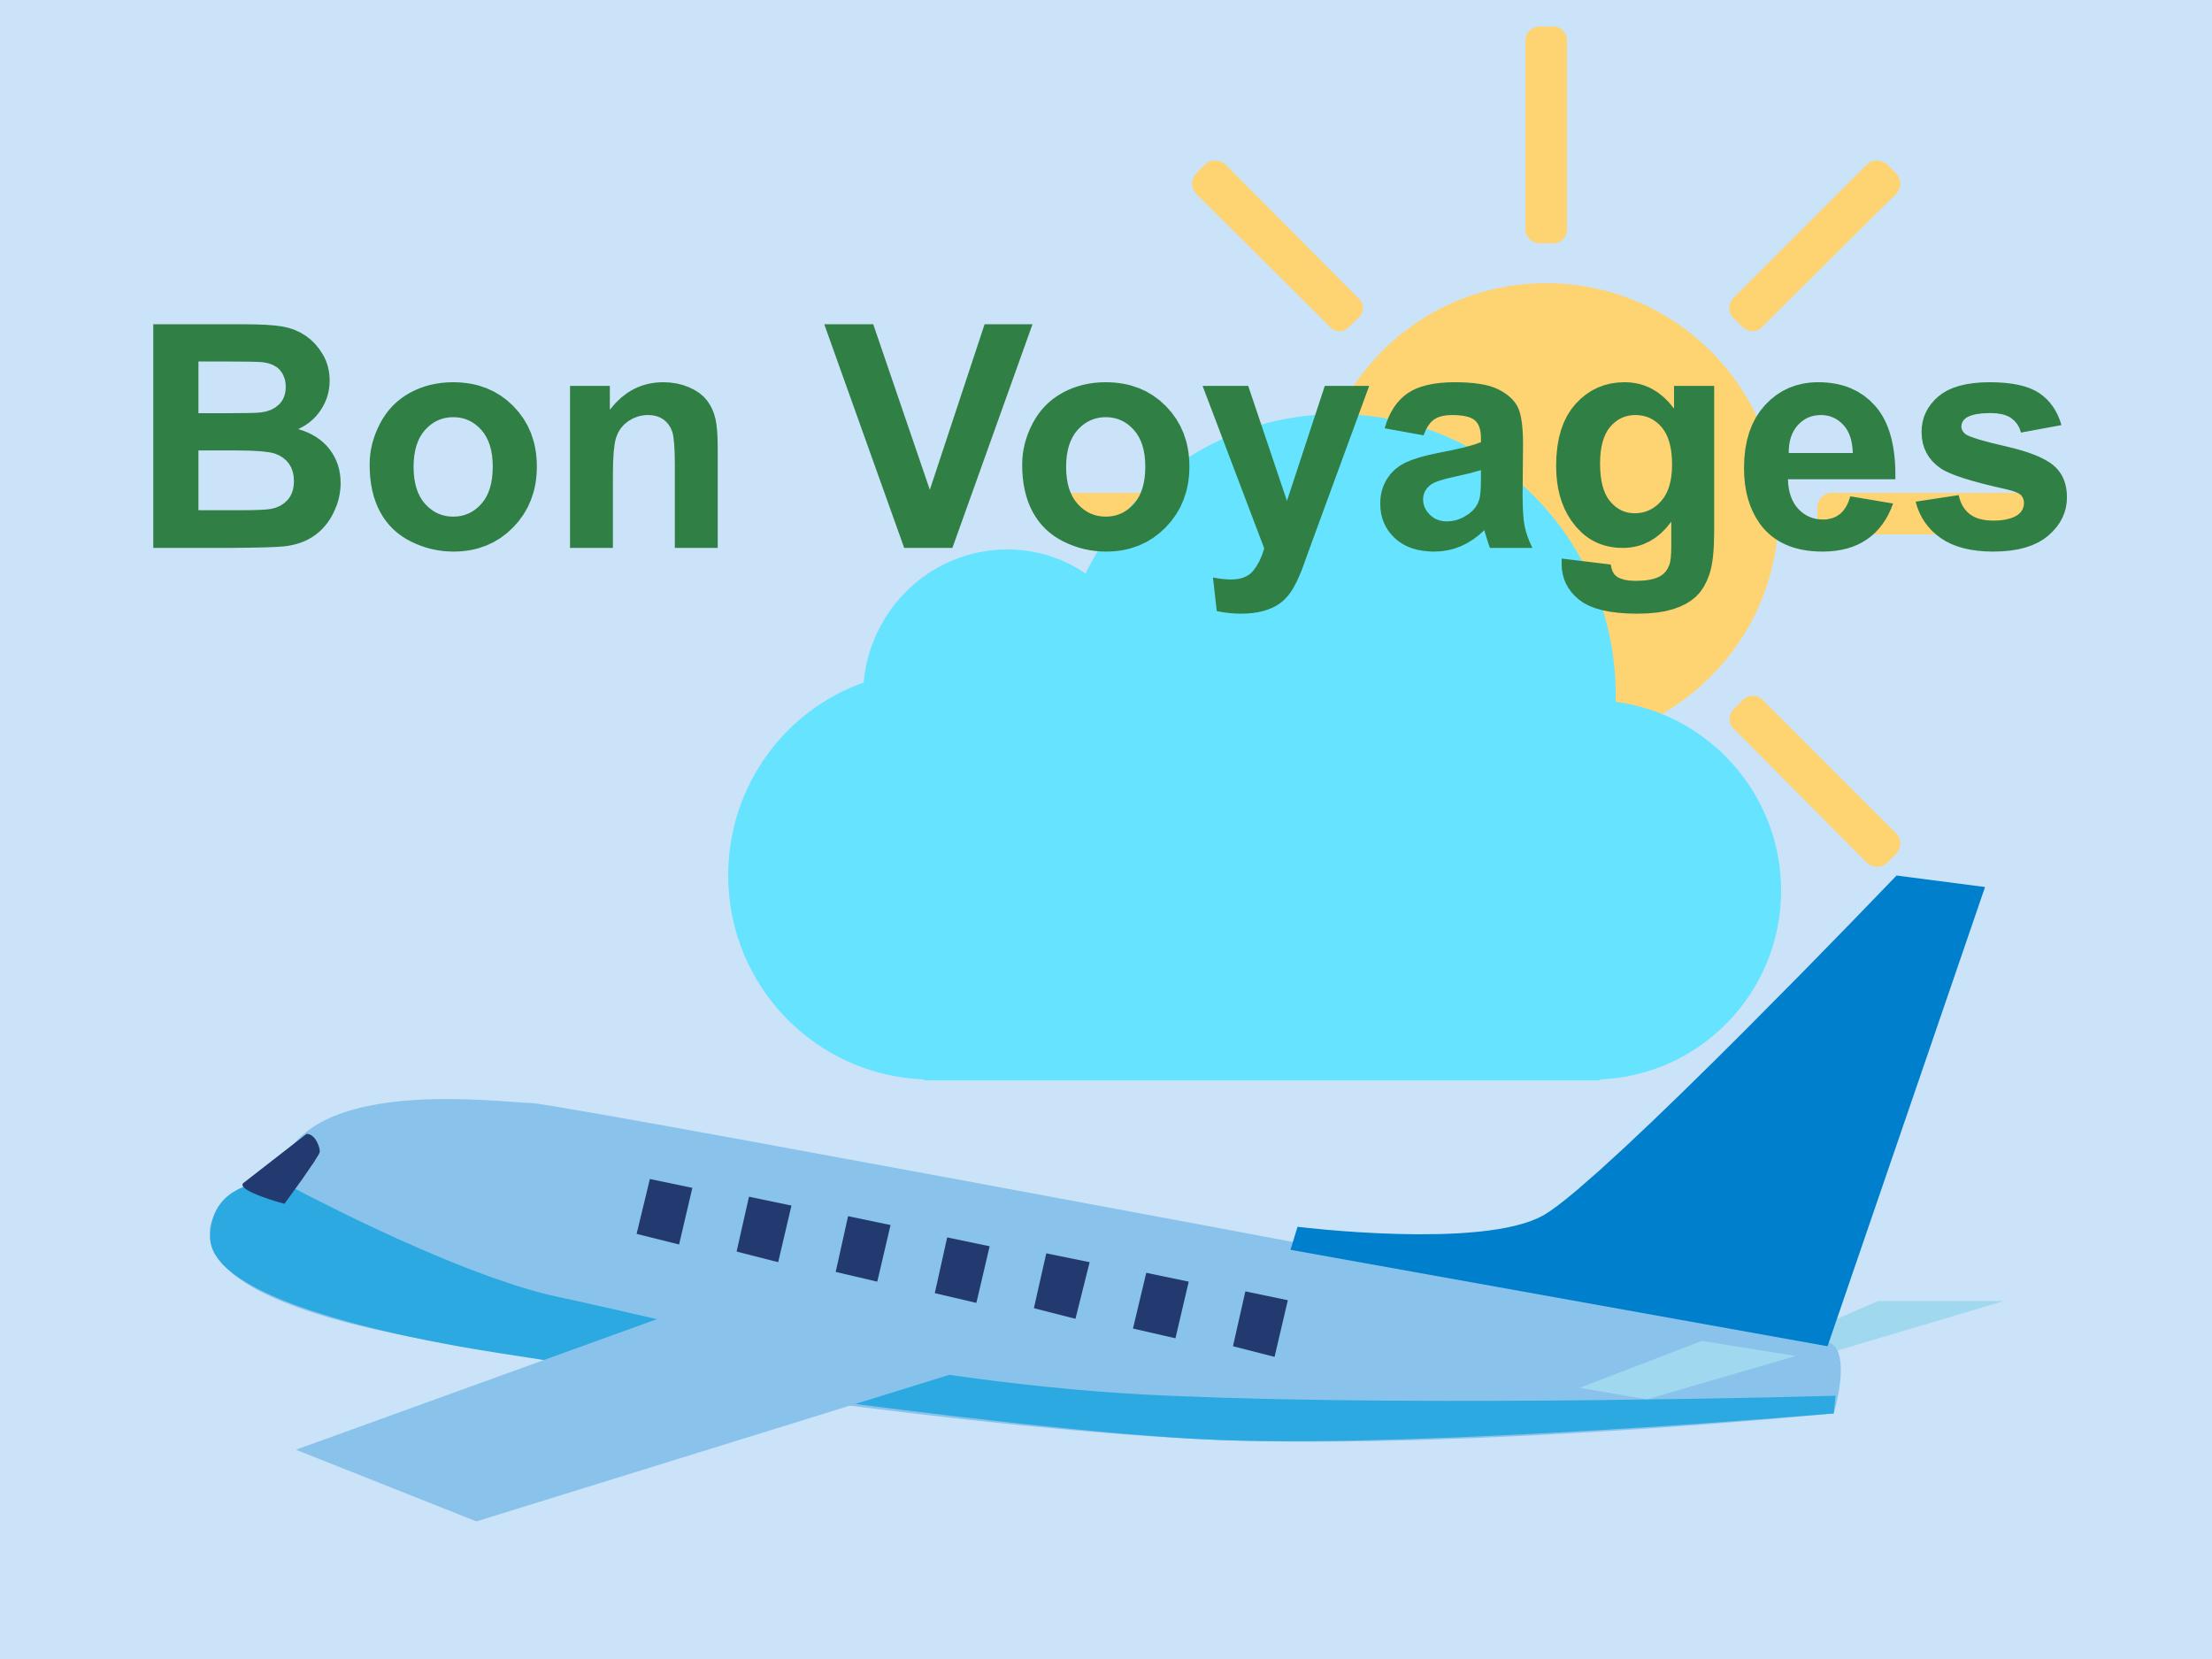 Bon voyages - Avion